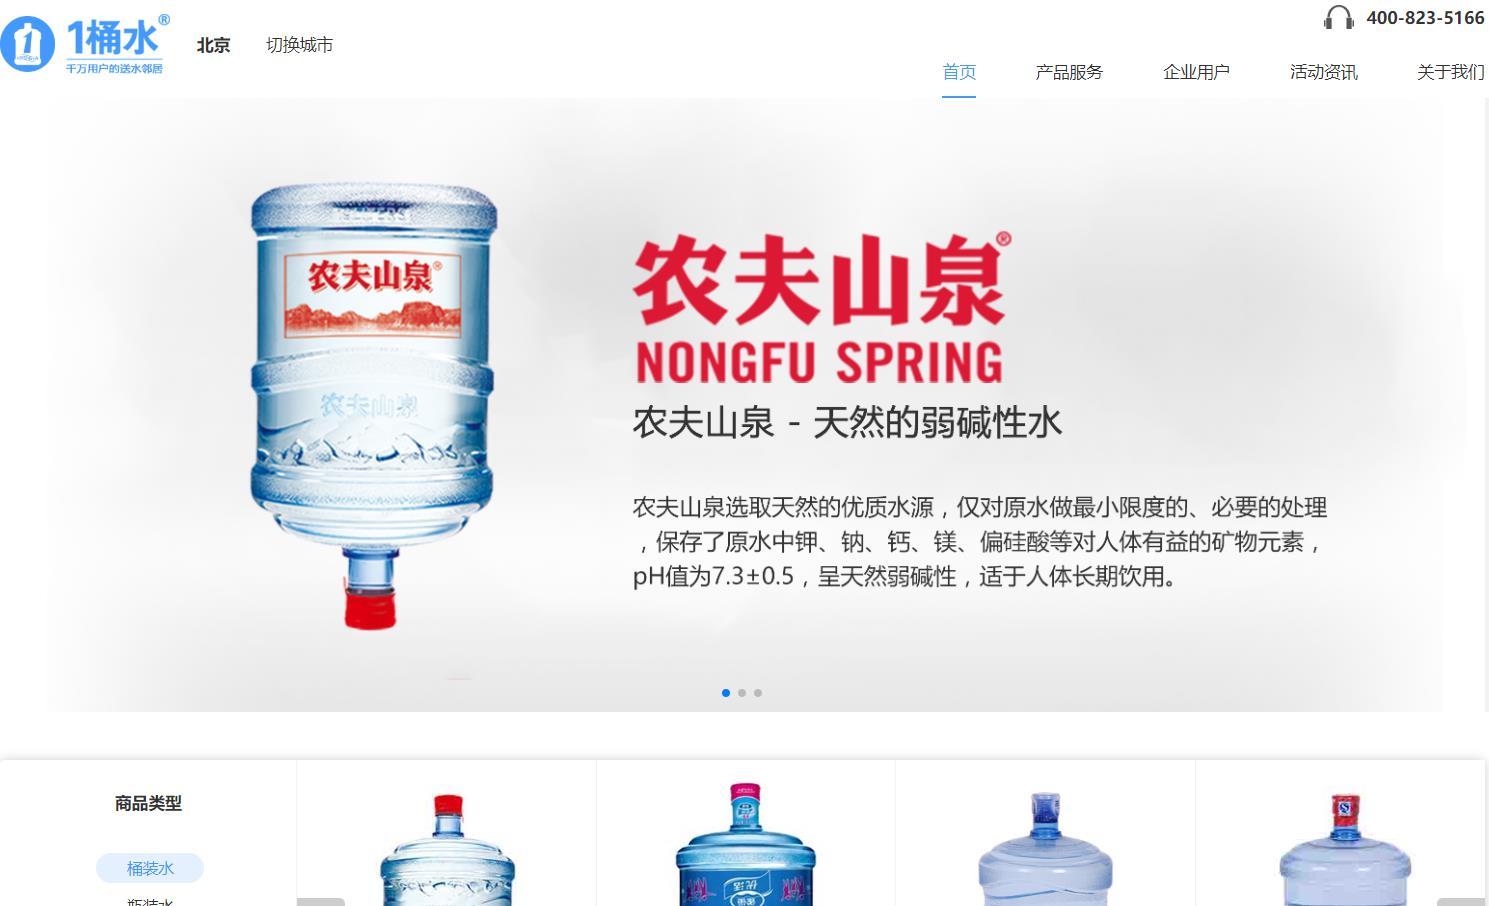 1桶水,千万用户送水邻居